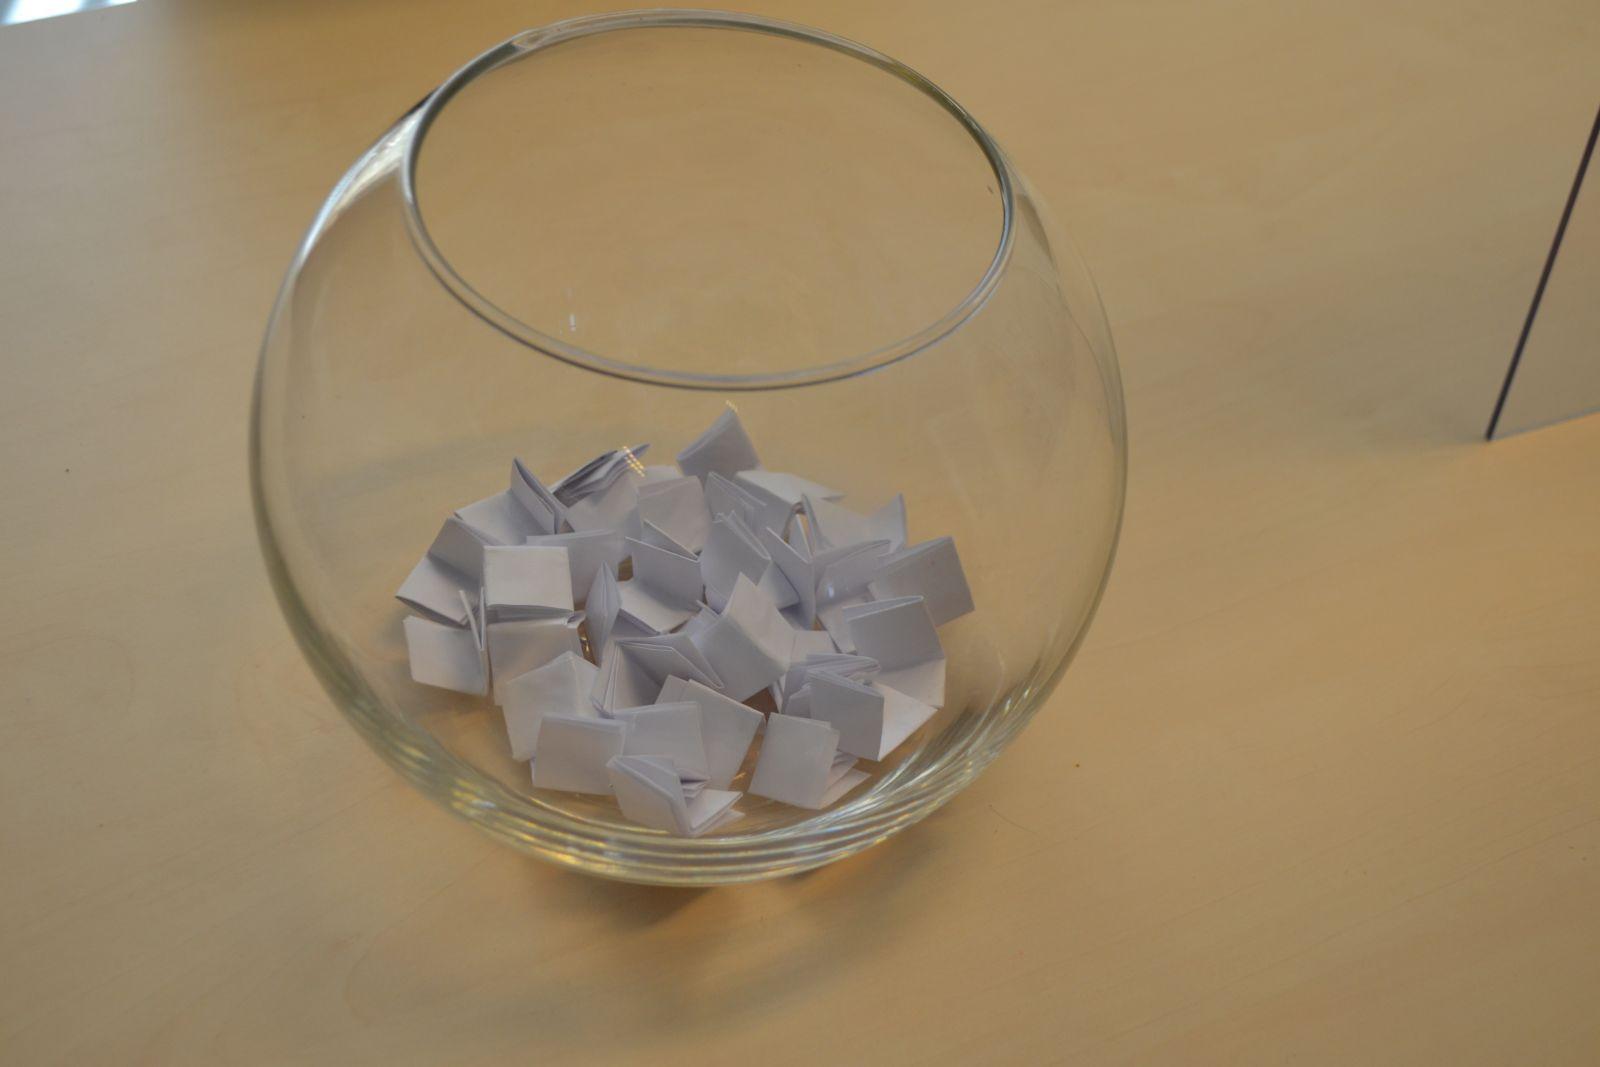 Zdjęcie szklanego naczynia w kształcie kuli z losami w środku.